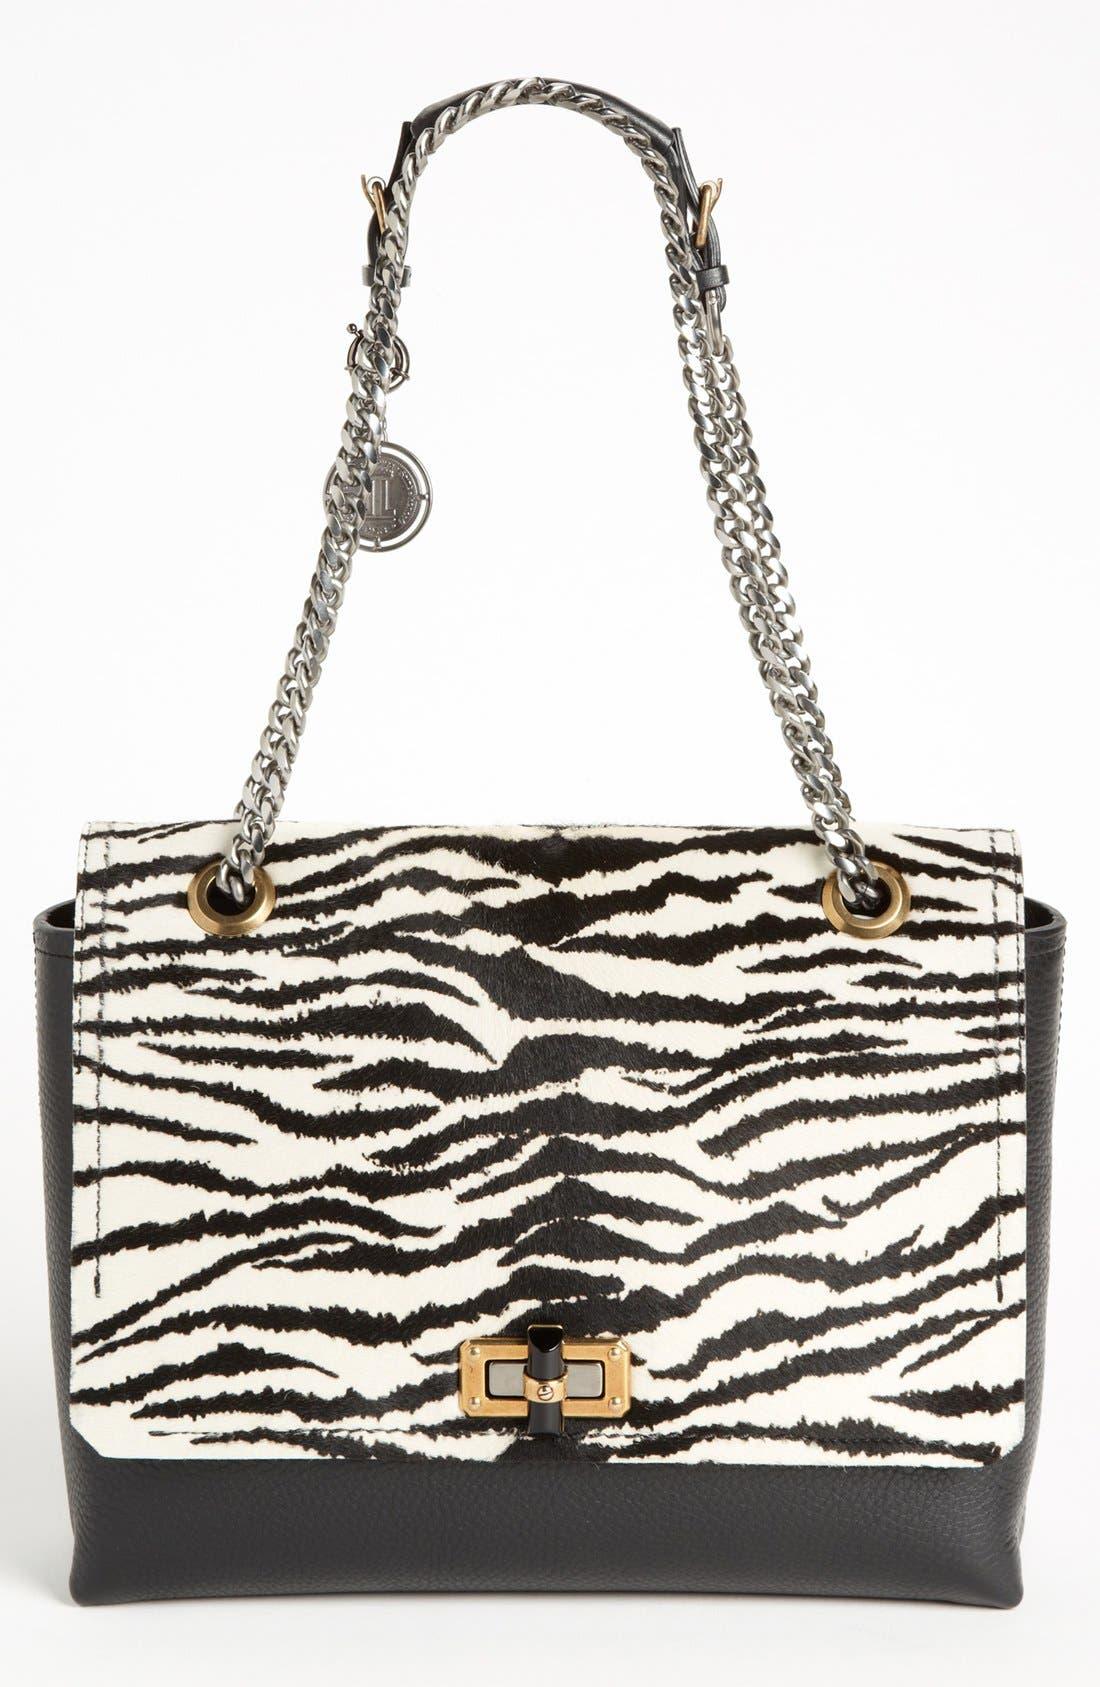 Alternate Image 1 Selected - Lanvin 'Happy Zebra' Calf Hair Flap Shoulder Bag